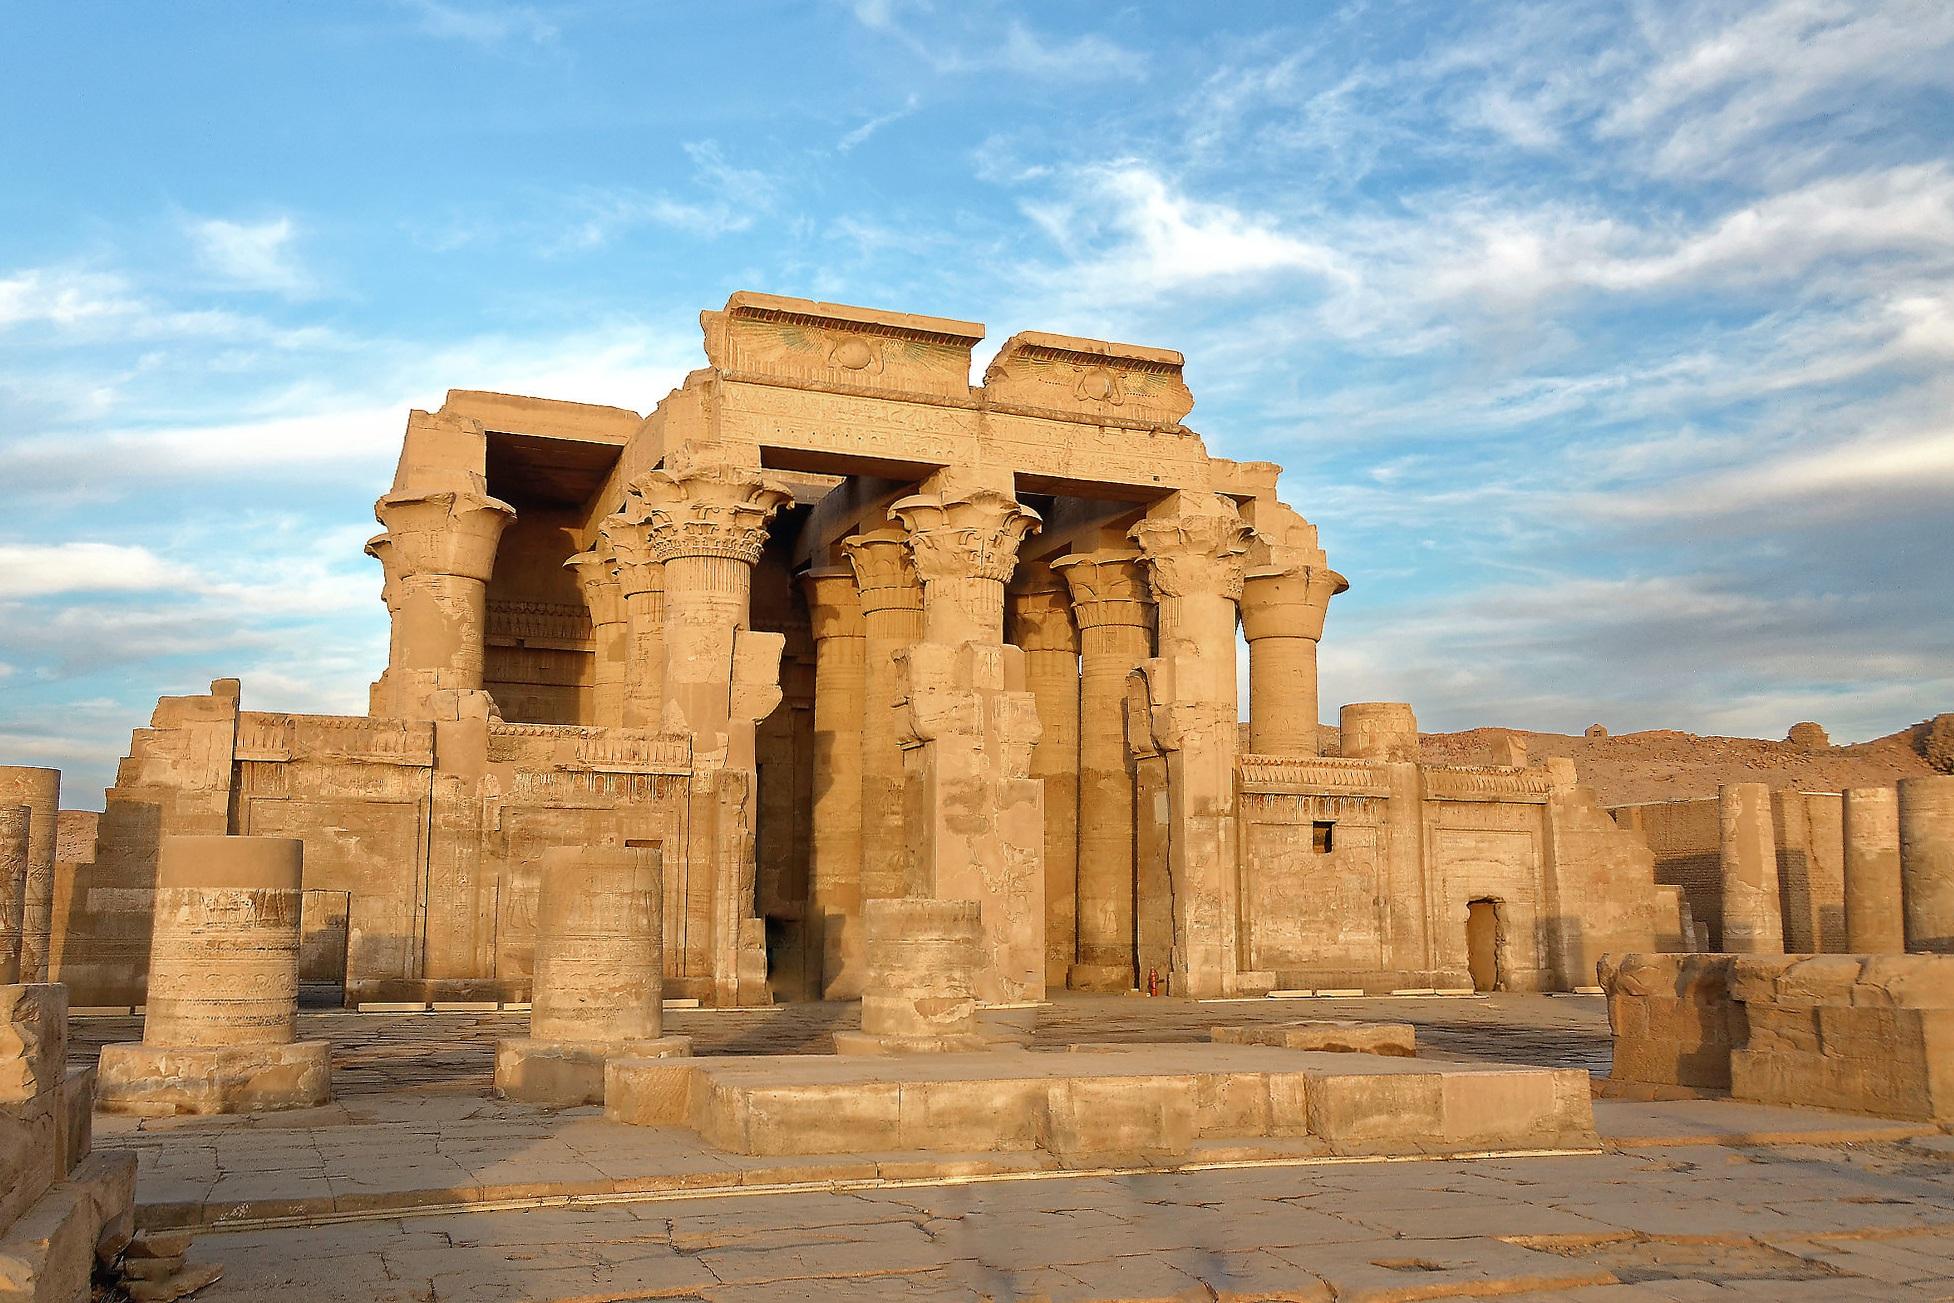 Tagesausflug ab Luxor nach Edfu & Kom Ombo